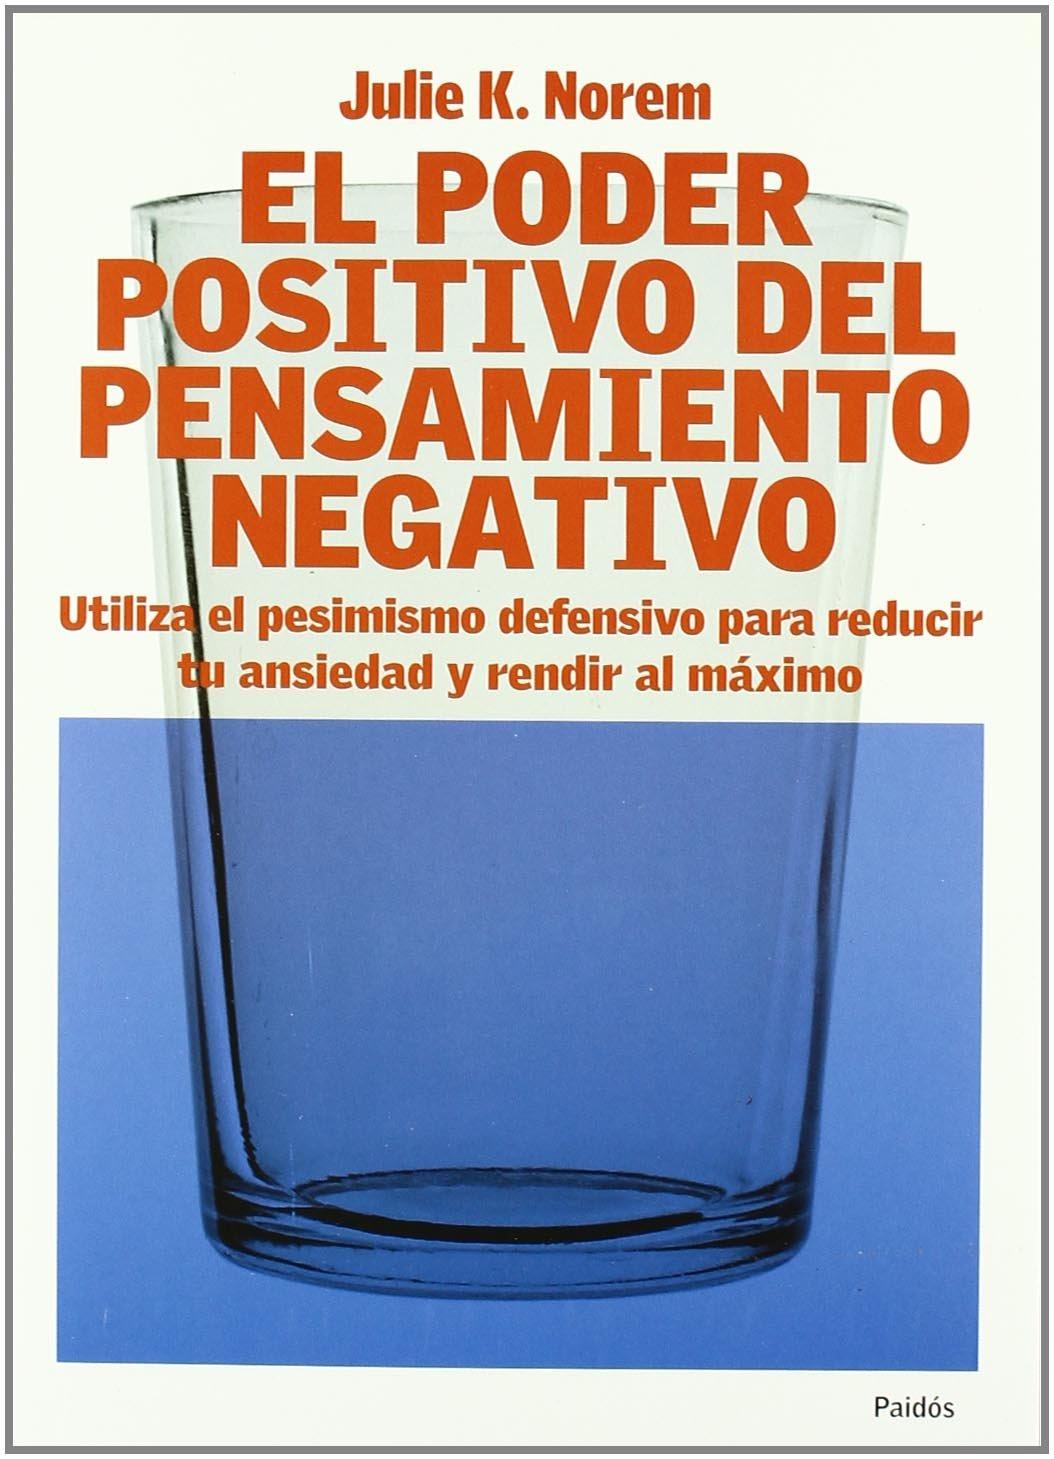 Poder positivo del pensamiento negativo, el (Divulgacion - Autoayuda) Tapa blanda – 10 feb 2010 Julie K. Norem Paidos 8449312779 855167